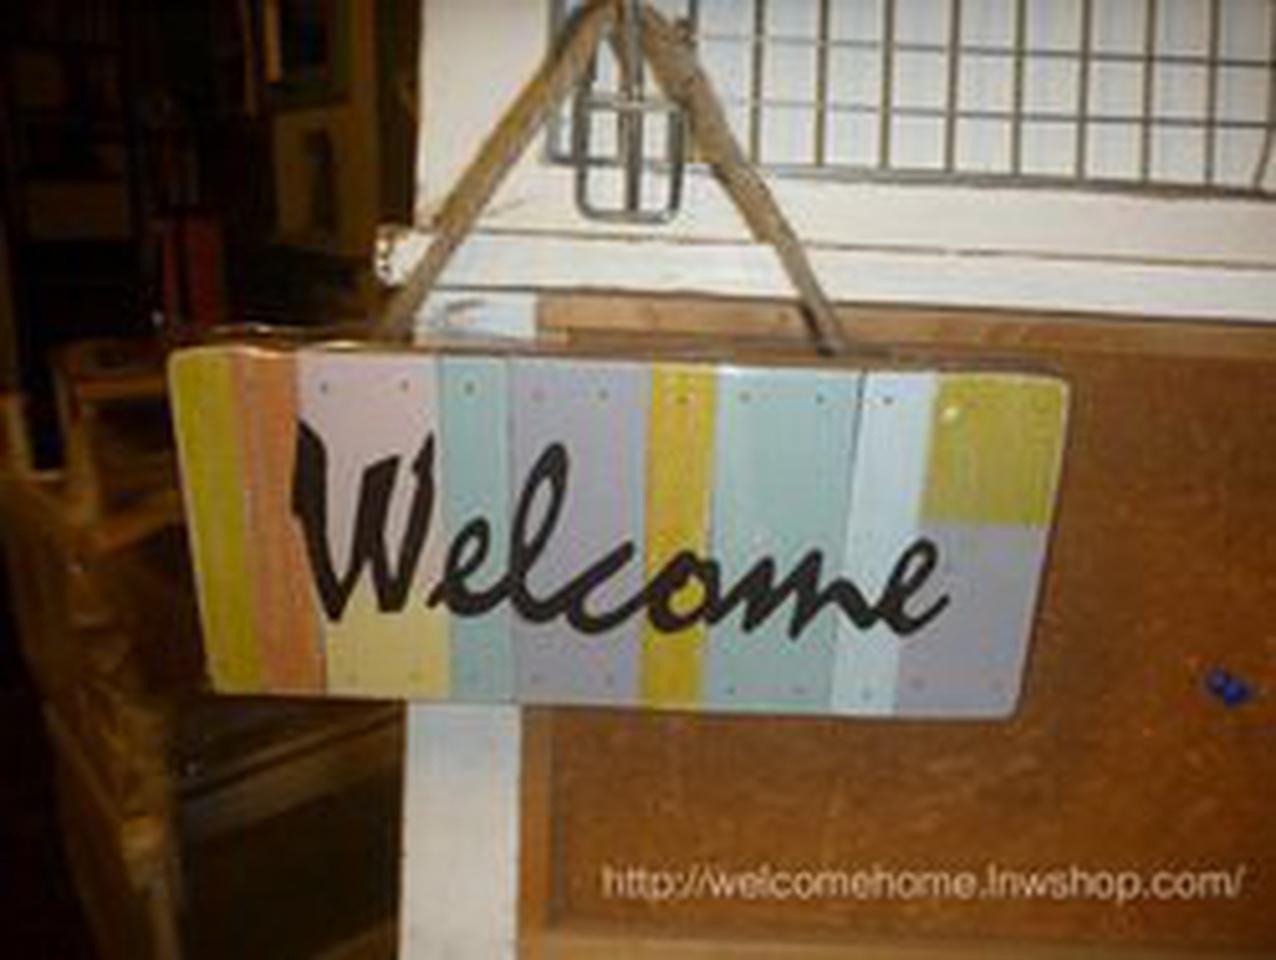 ป้ายยินดีต้อนรับสำหรับตกแต่งร้านกาแฟน่ารักๆครับ รูปที่ 2